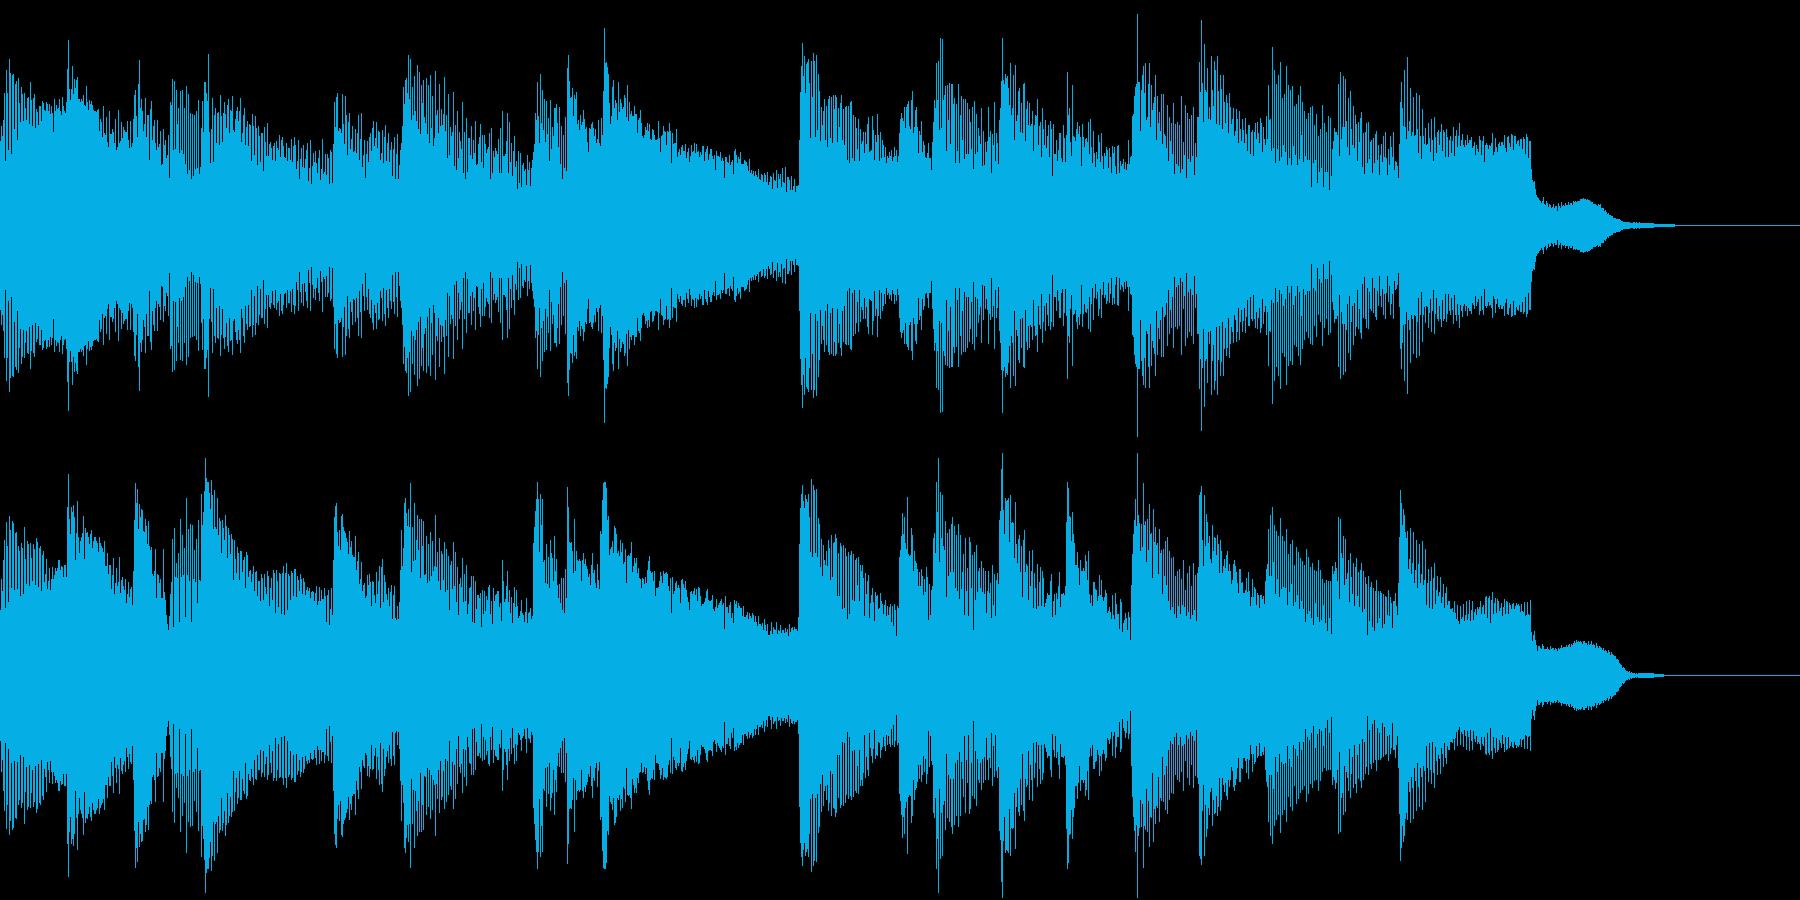 落ち着いた雰囲気のBGMの再生済みの波形